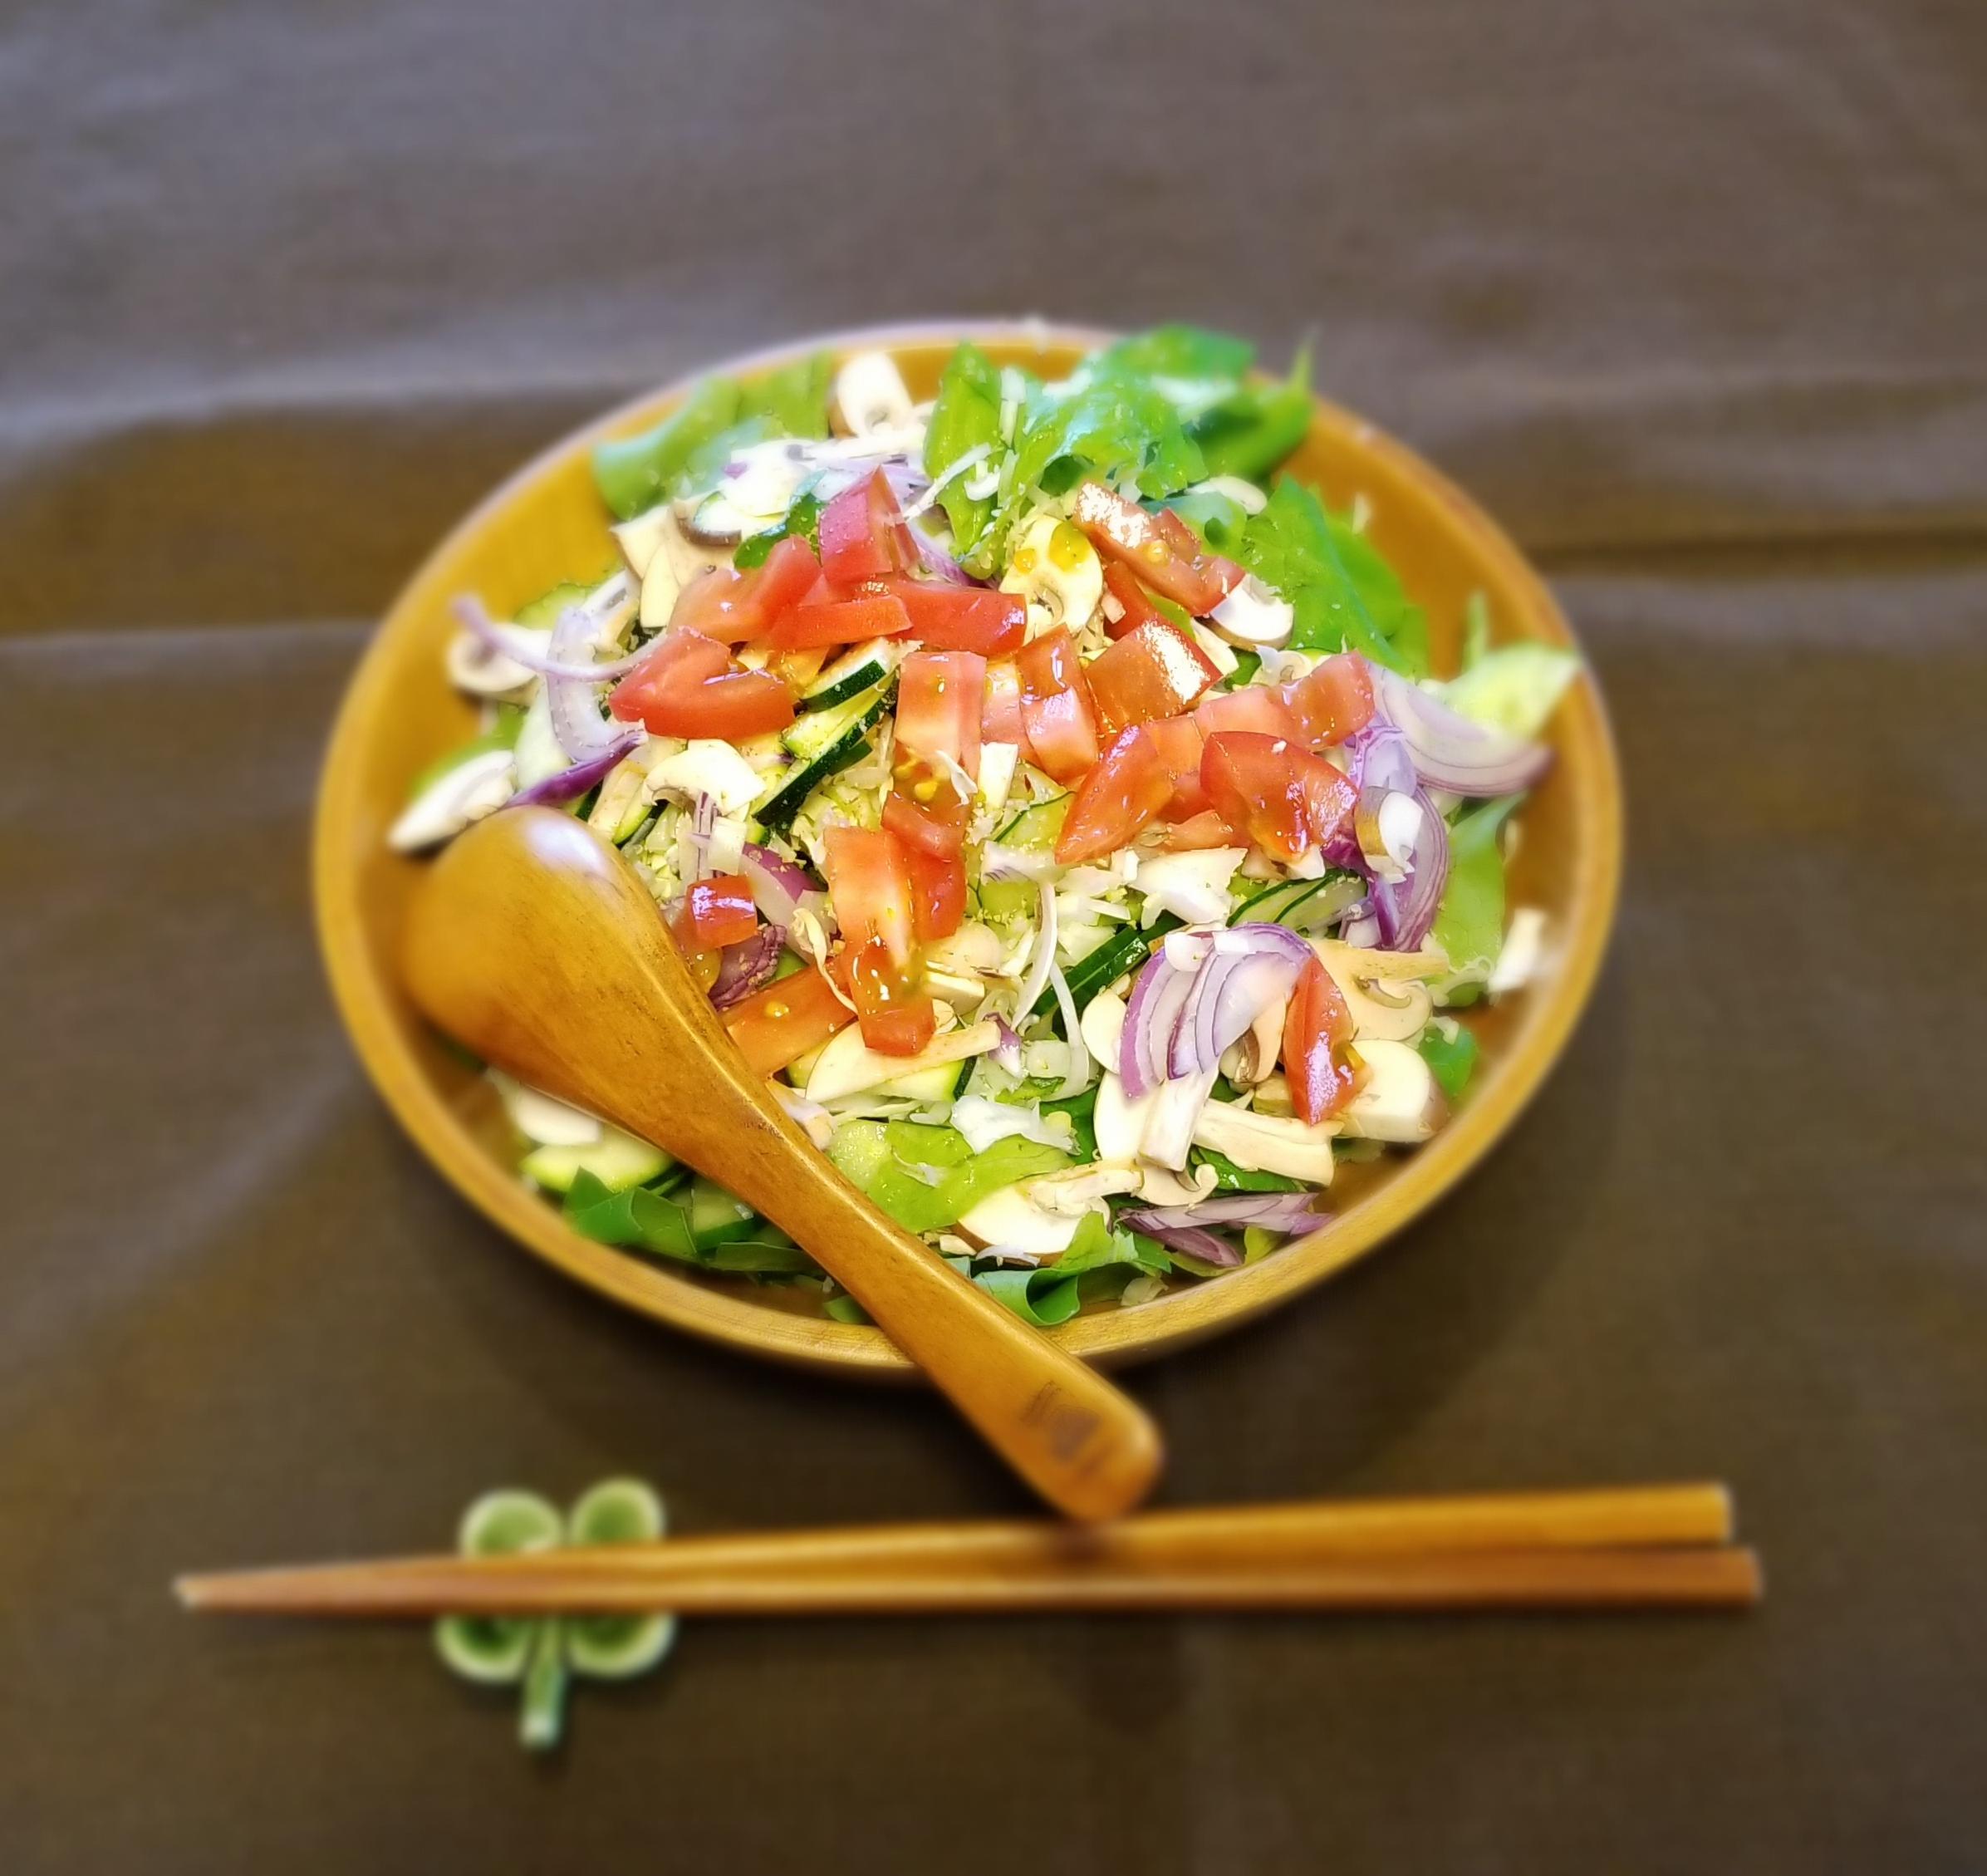 おうちでご飯を楽しもう!STAY HOME 横浜ウッドキャンペーン★お客様の声 第九弾